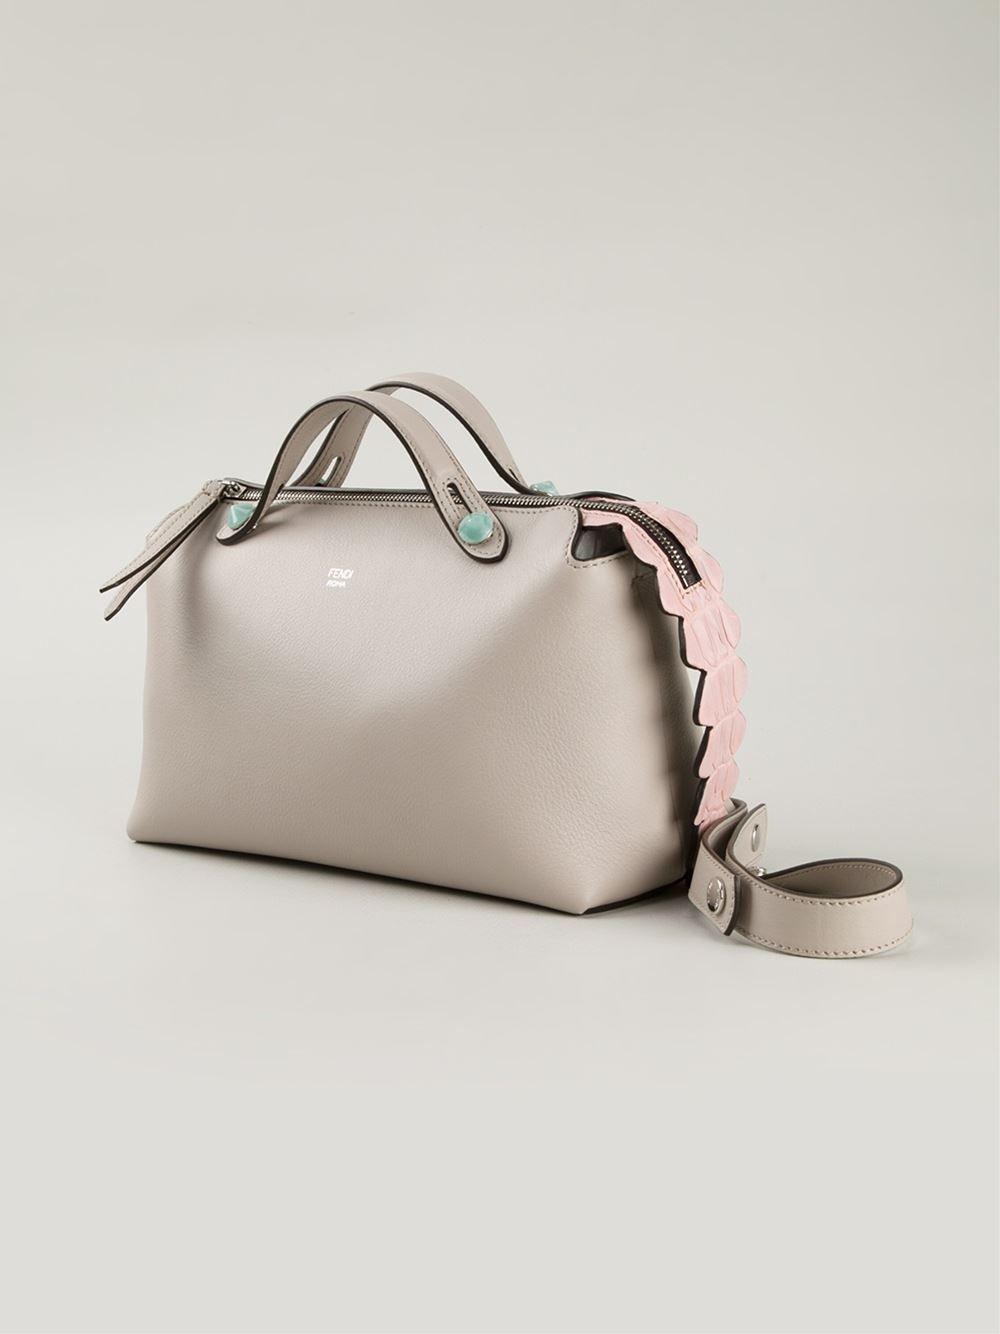 e9893c7310 Fendi  by The Way  Shoulder Bag - - Farfetch.com